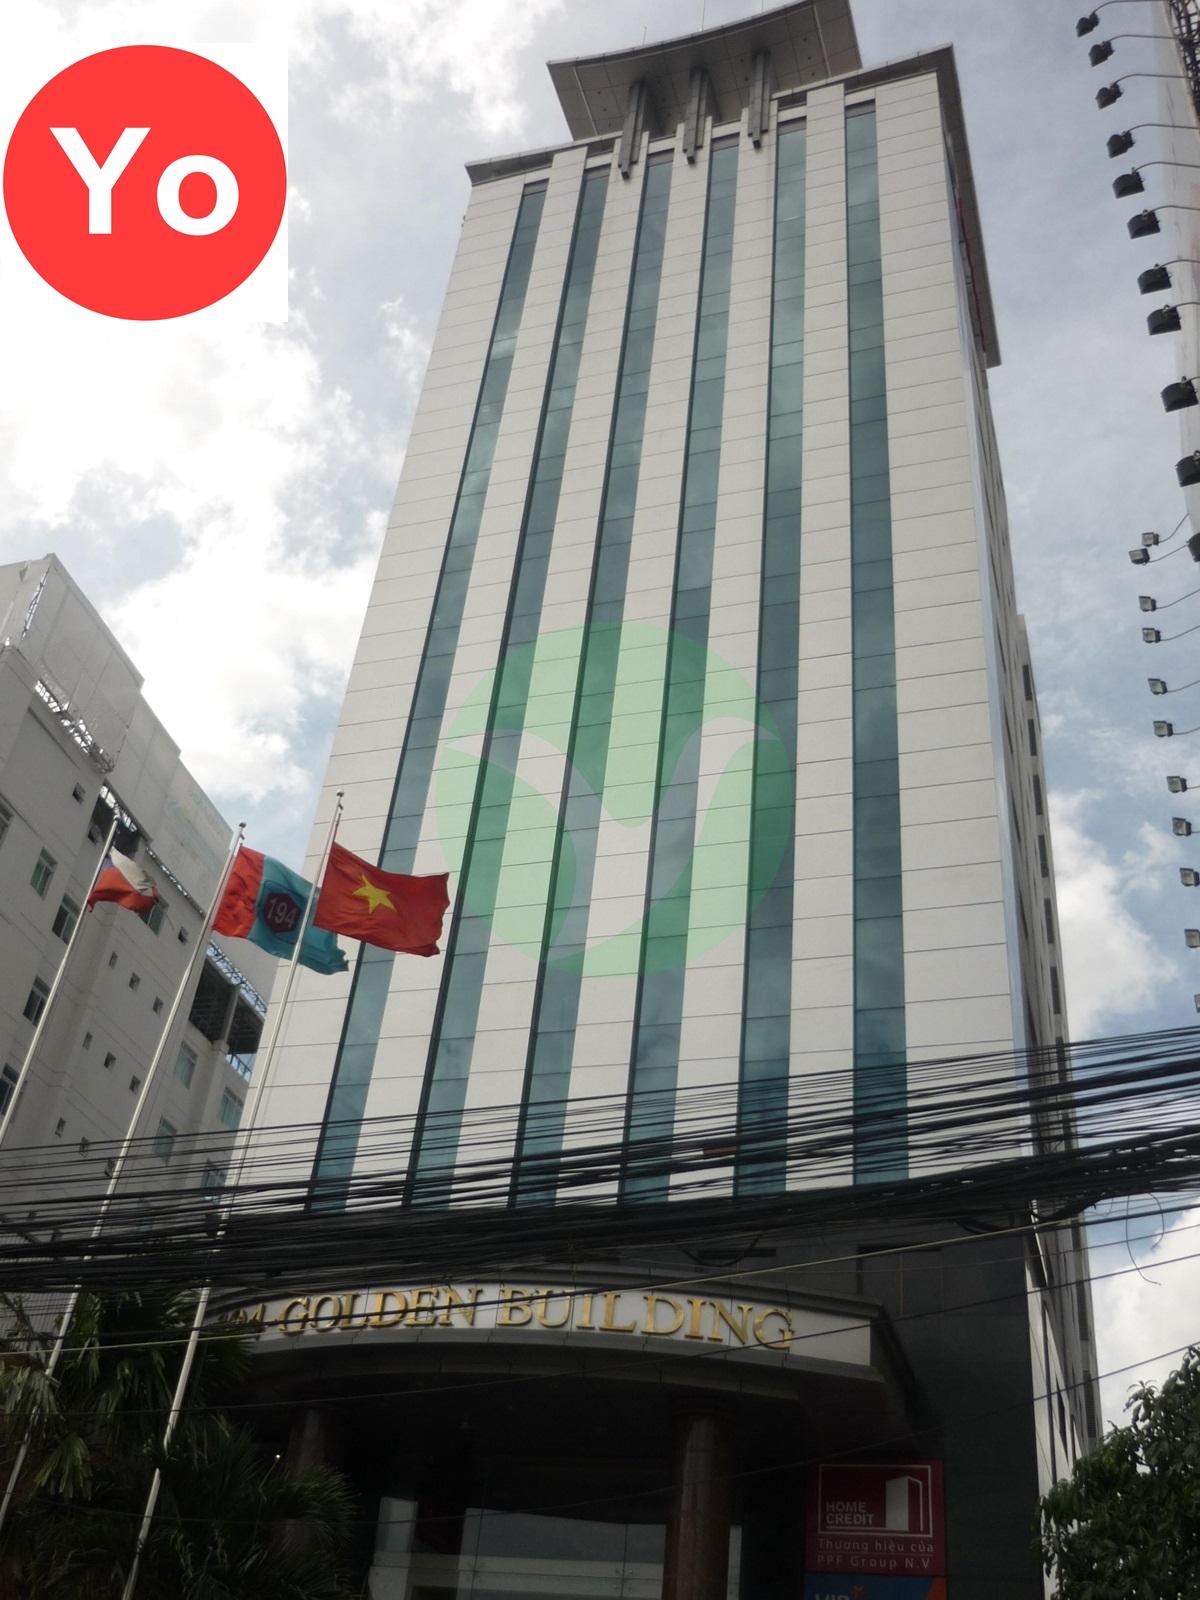 Cho thuê văn phòng quận bình thạnh – Tòa nhà 194 Golden Building